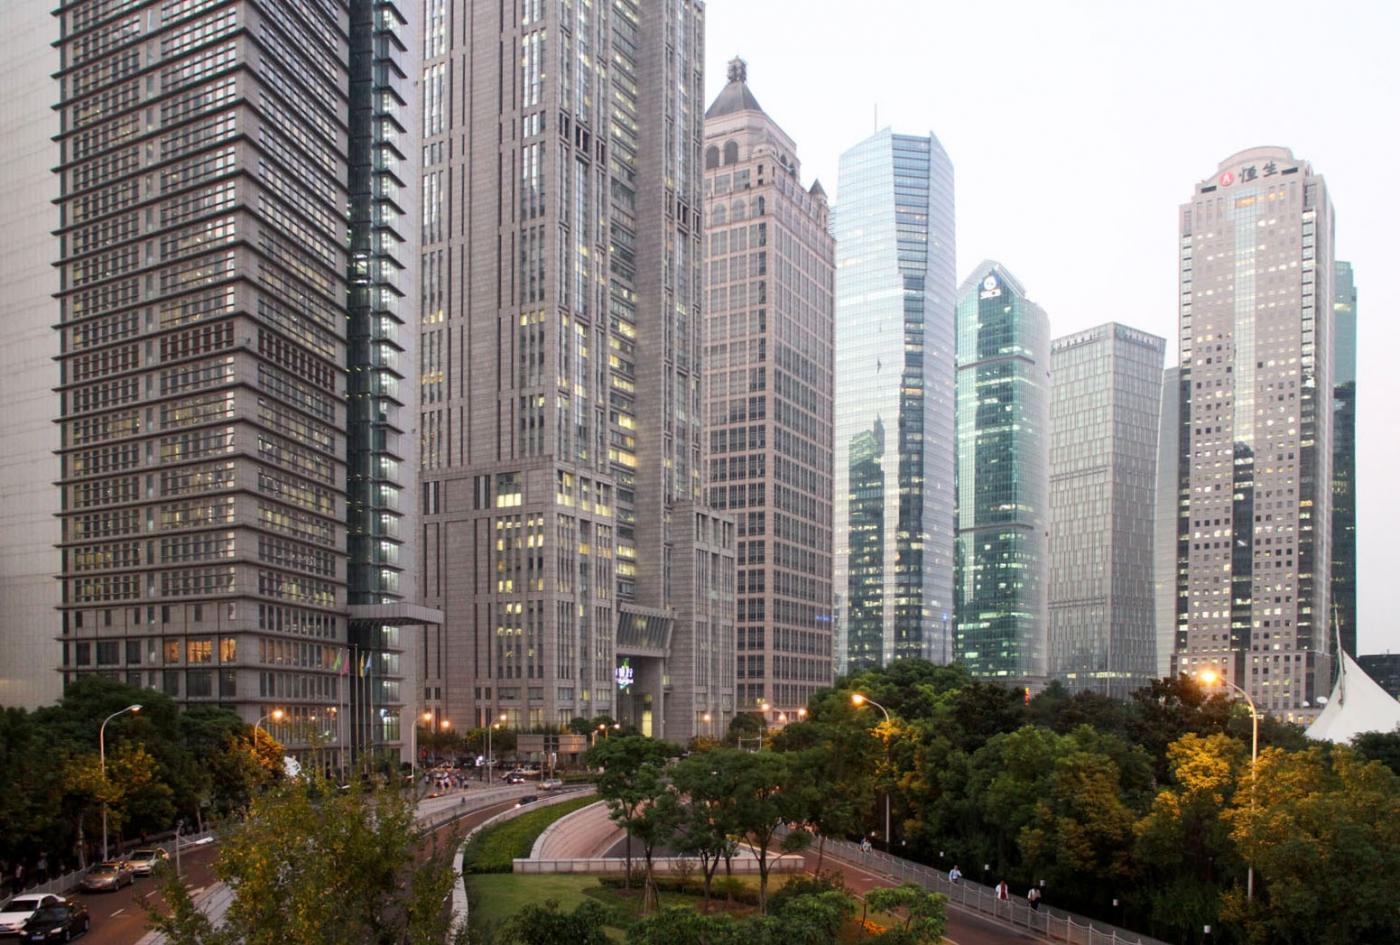 秀秀中国上海的陆家嘴_图1-4